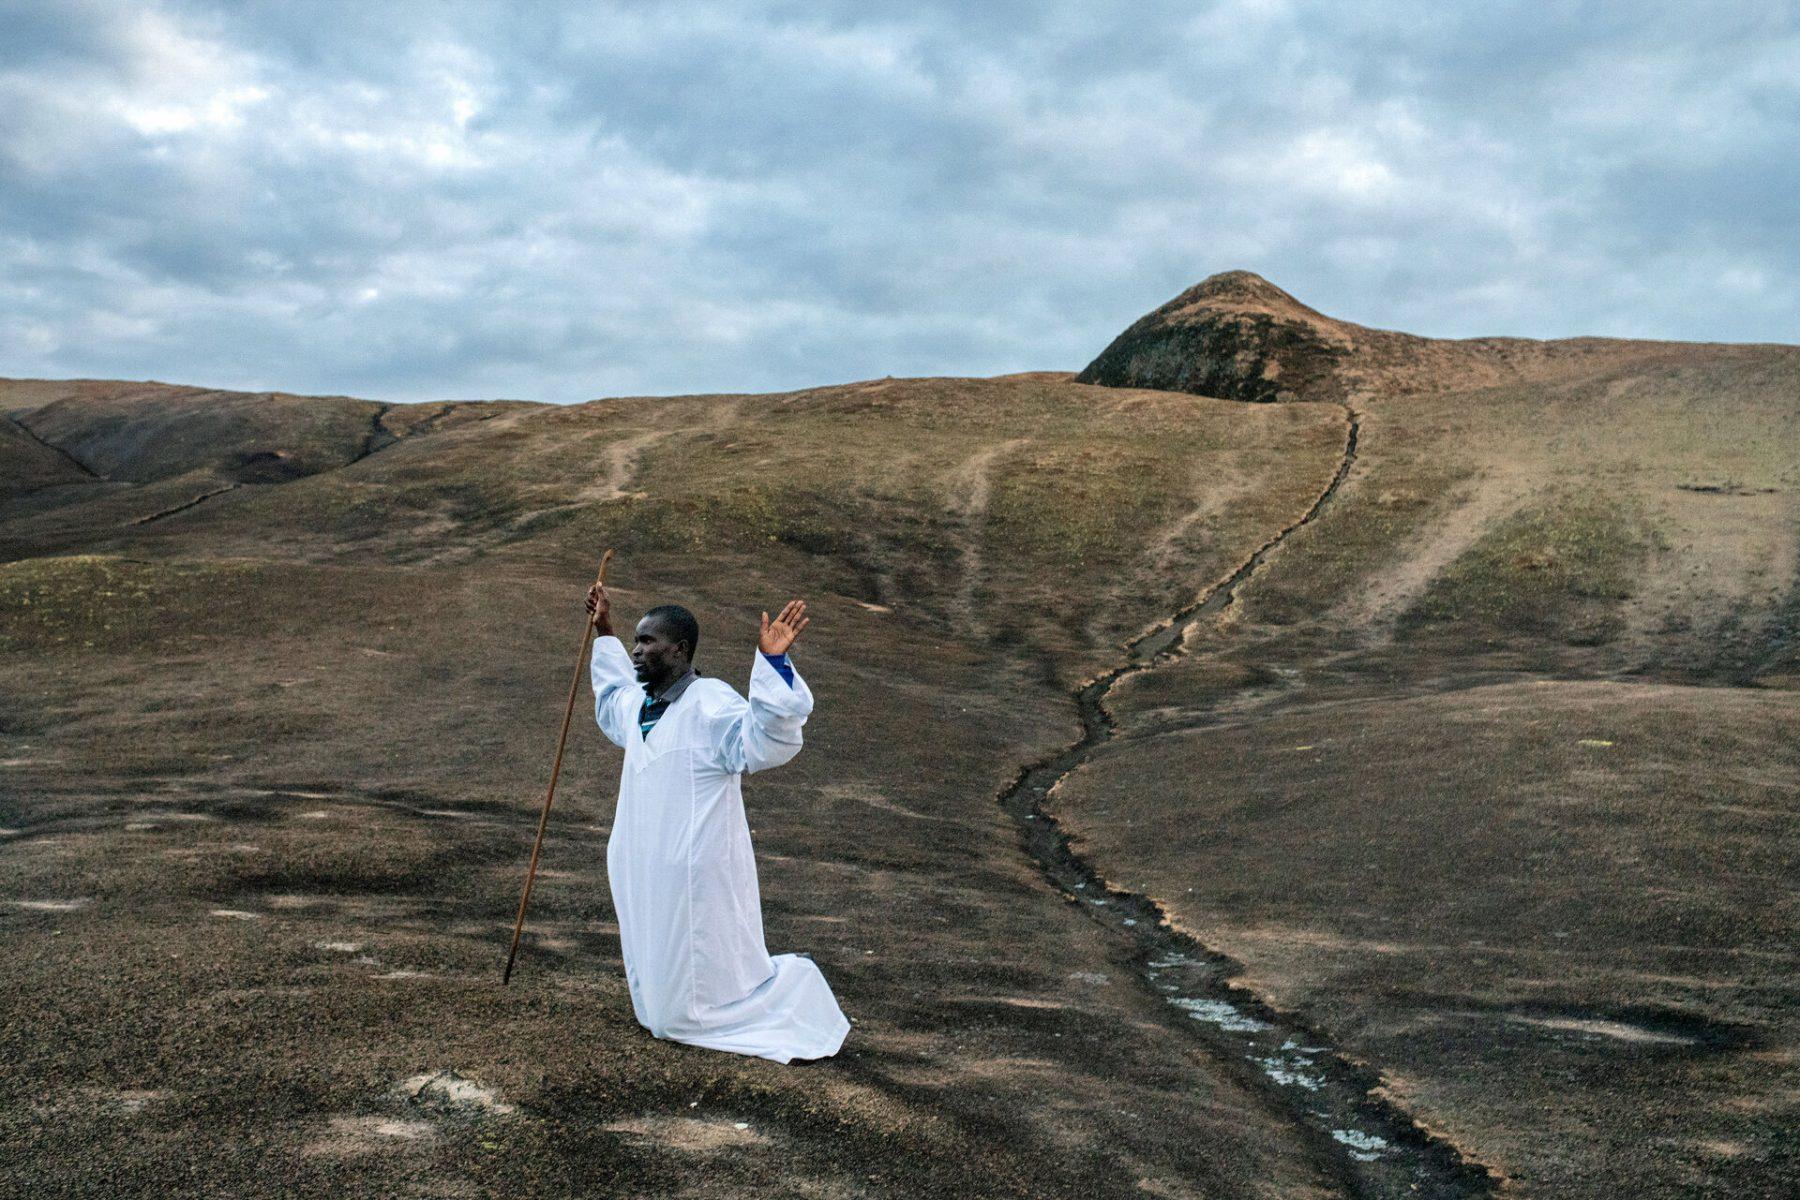 Photographie couleur de Nichole Sobecki, montagnes Domboshawa, Zimbabwe, prières